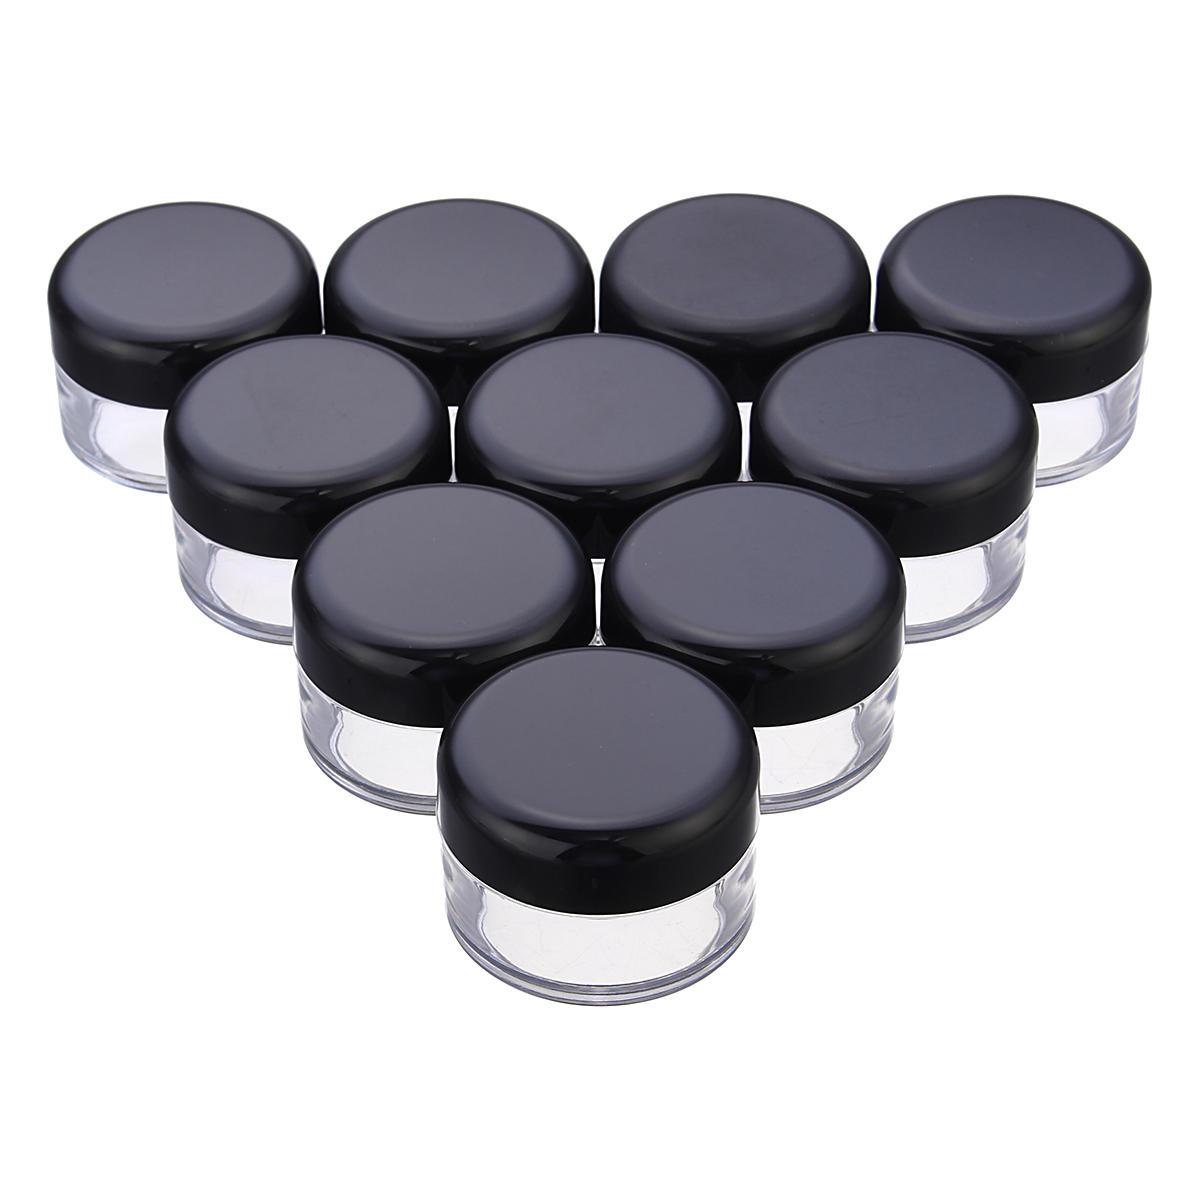 30de92d39368 LuckyFine 10pcs Transparent Empty Eye Cream Jar Cosmetic Plastic Bottle  Travel Makeup Container